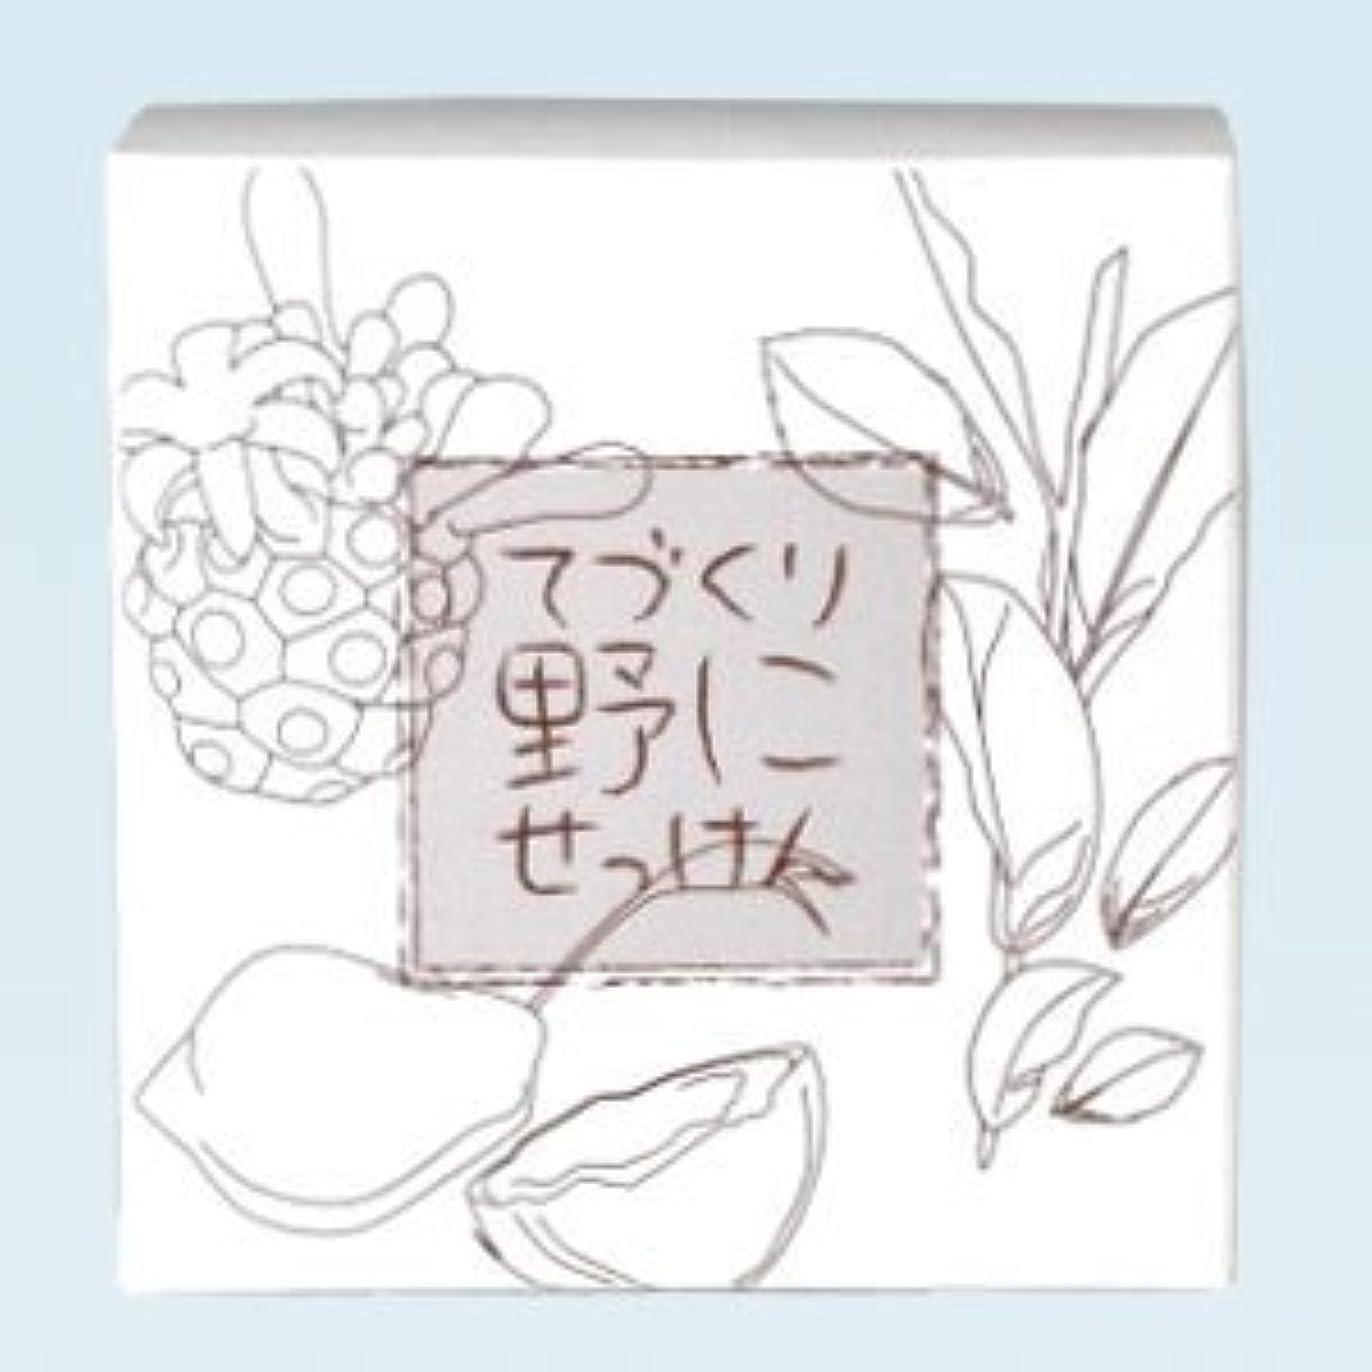 元気なつぶす光緑茶 ノニ石鹸 てづくり野にせっけん(115g)